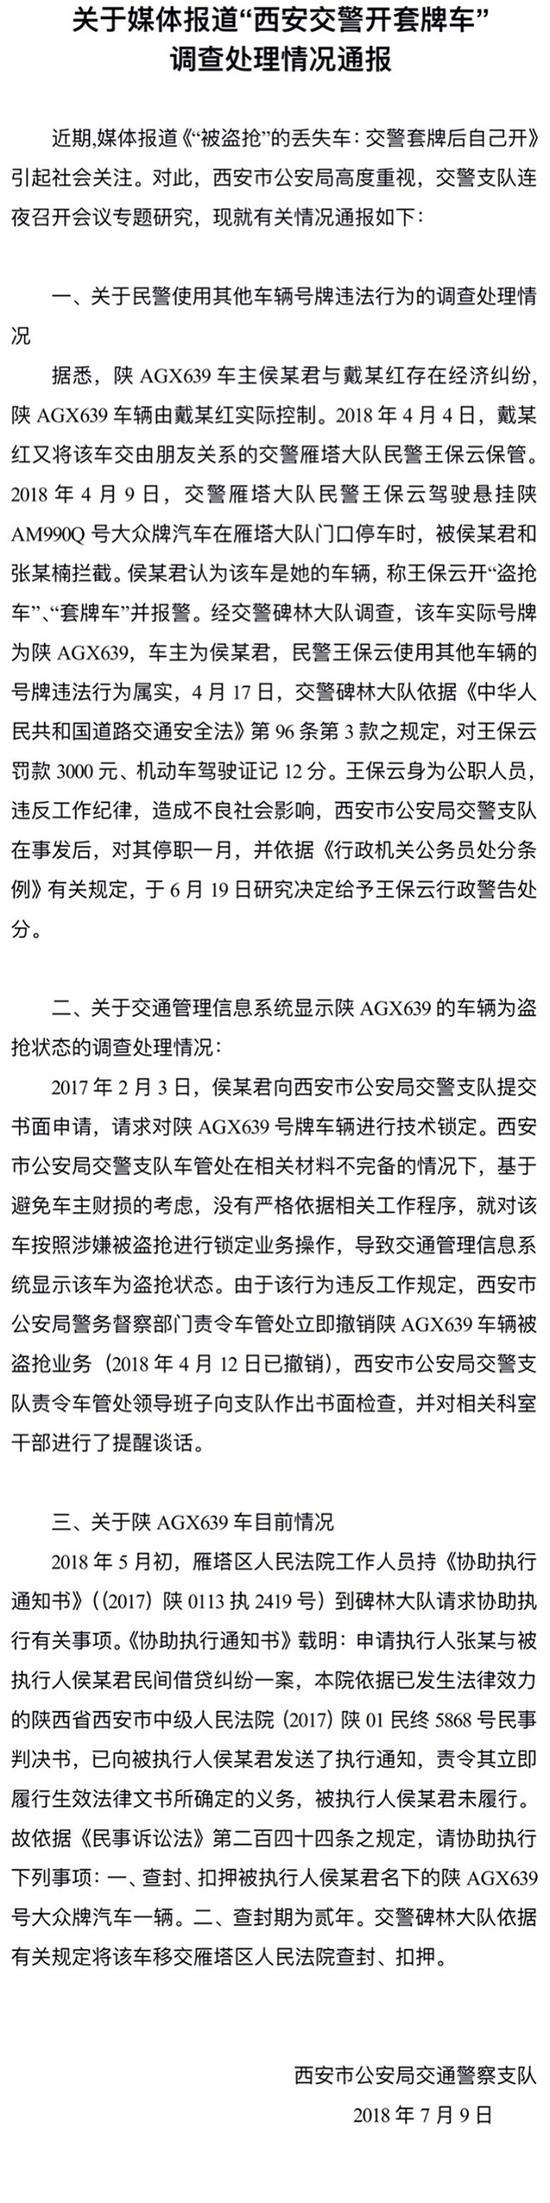 西安交警于7月9日发布的通报